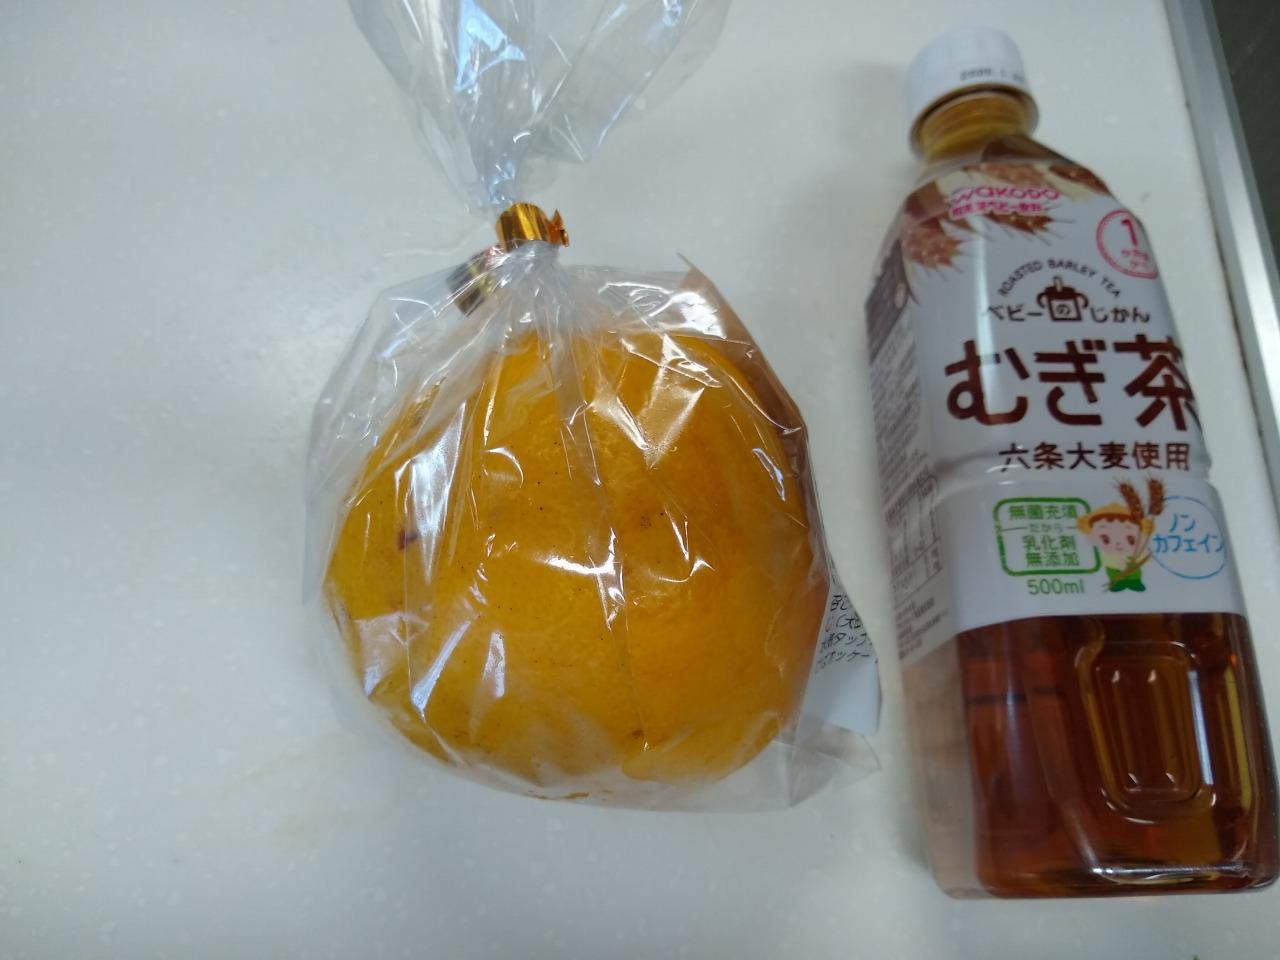 クックパッドマート果物